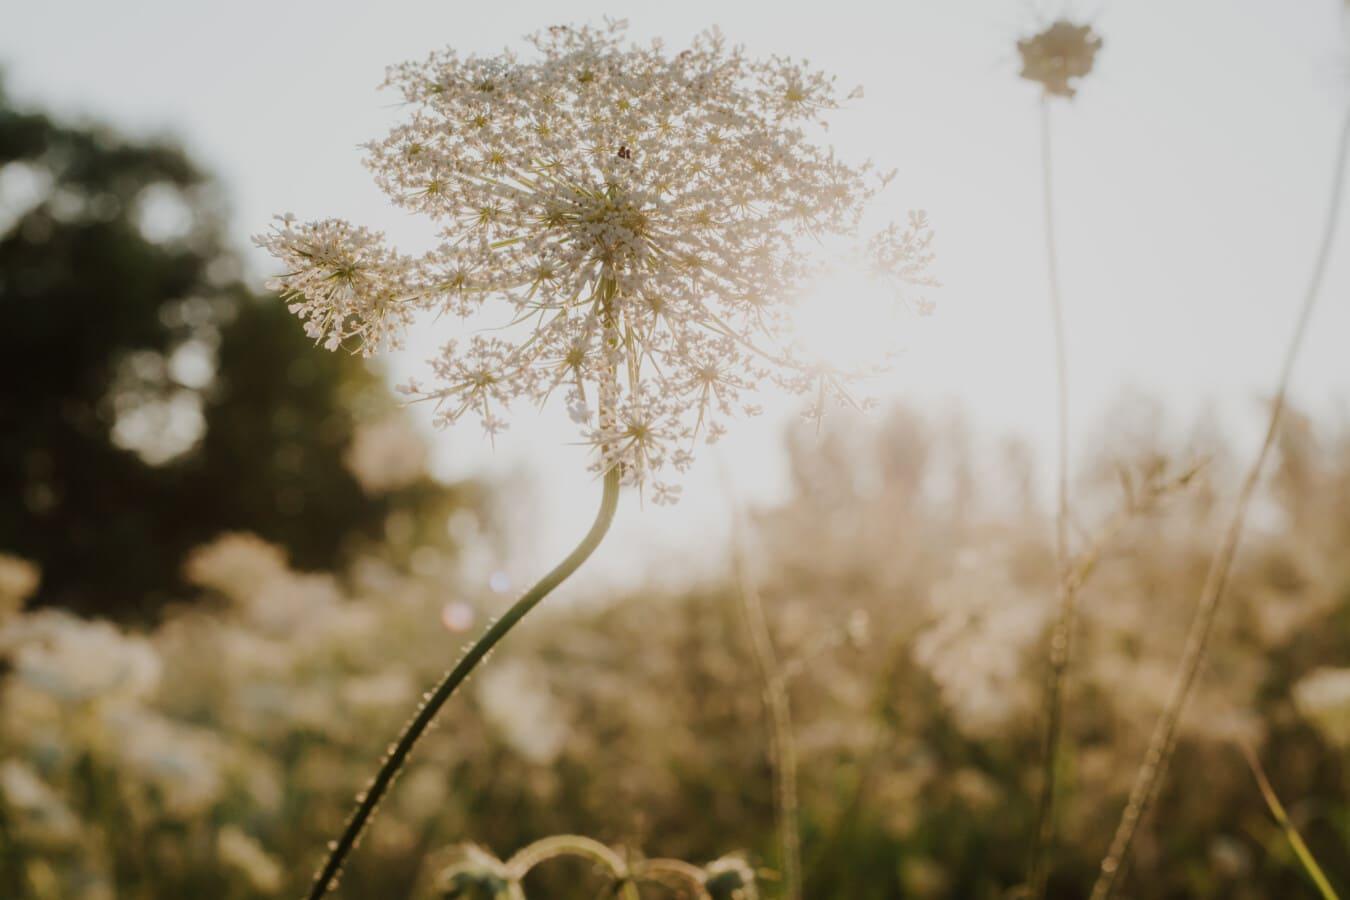 fleurs sauvages, fleur blanche, rayons de soleil, ensoleillement, ensoleillée, rétro-éclairé, fermer, épanouissement, plante, herbe